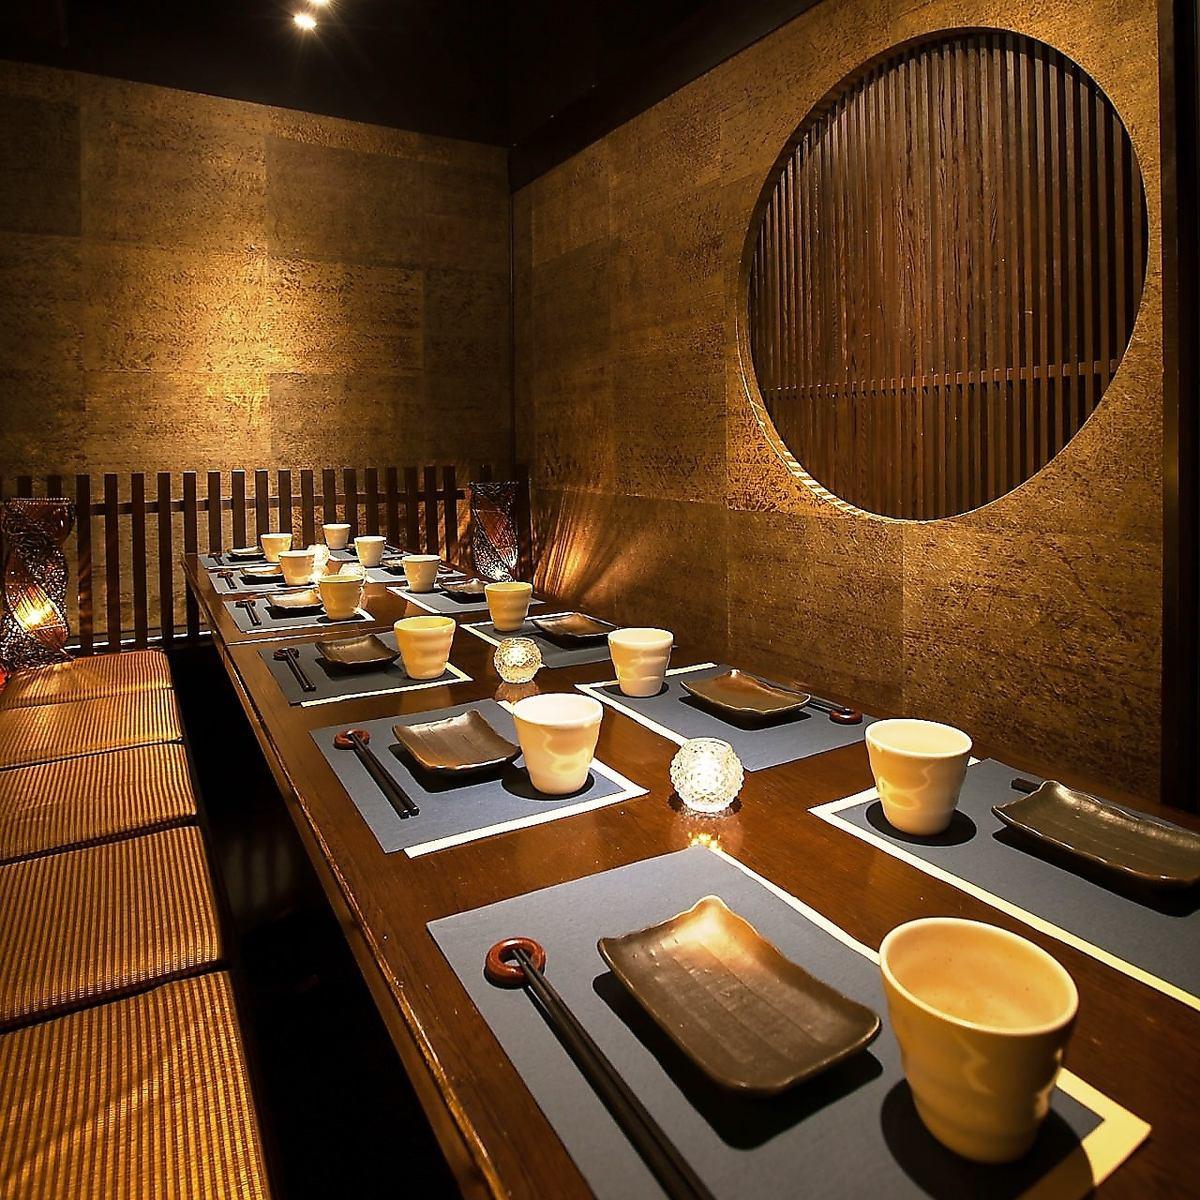 【私人房间×藏身处吧】活泼的鱼和鸡肉的cospa◎无限畅饮套餐当然是2980日元〜♪